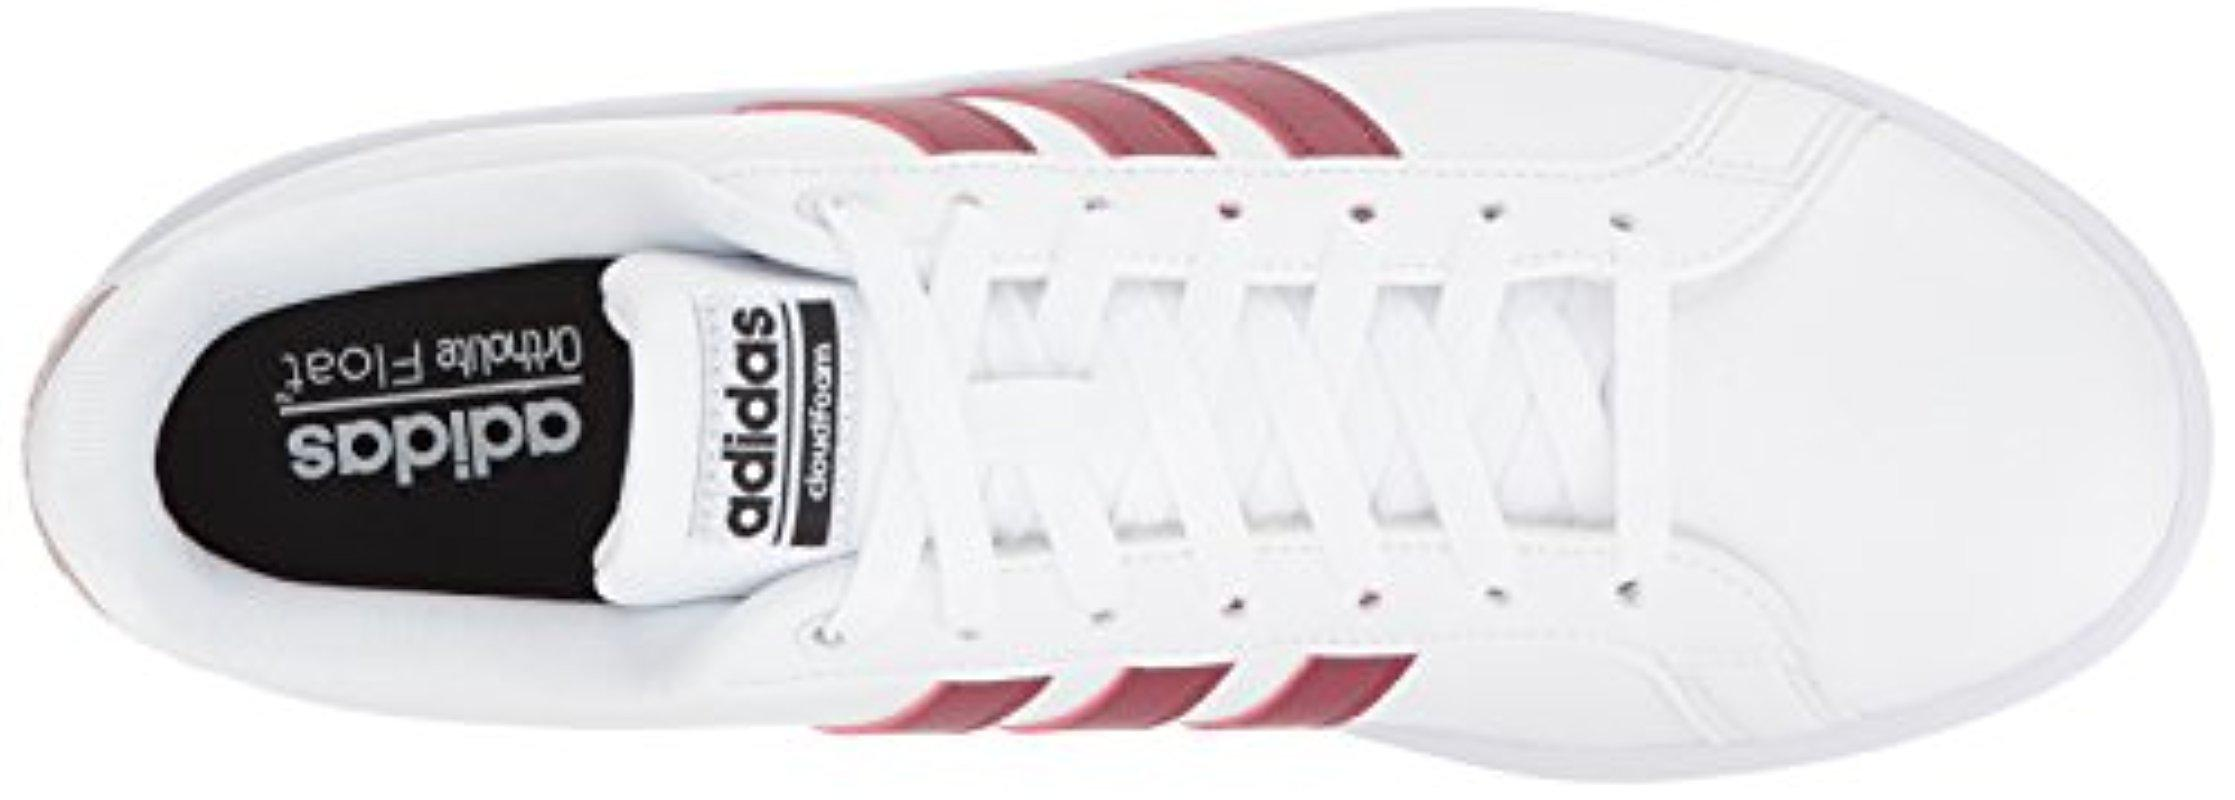 lyst adidas originali cloudfoam vantaggio della scarpa in bianco.